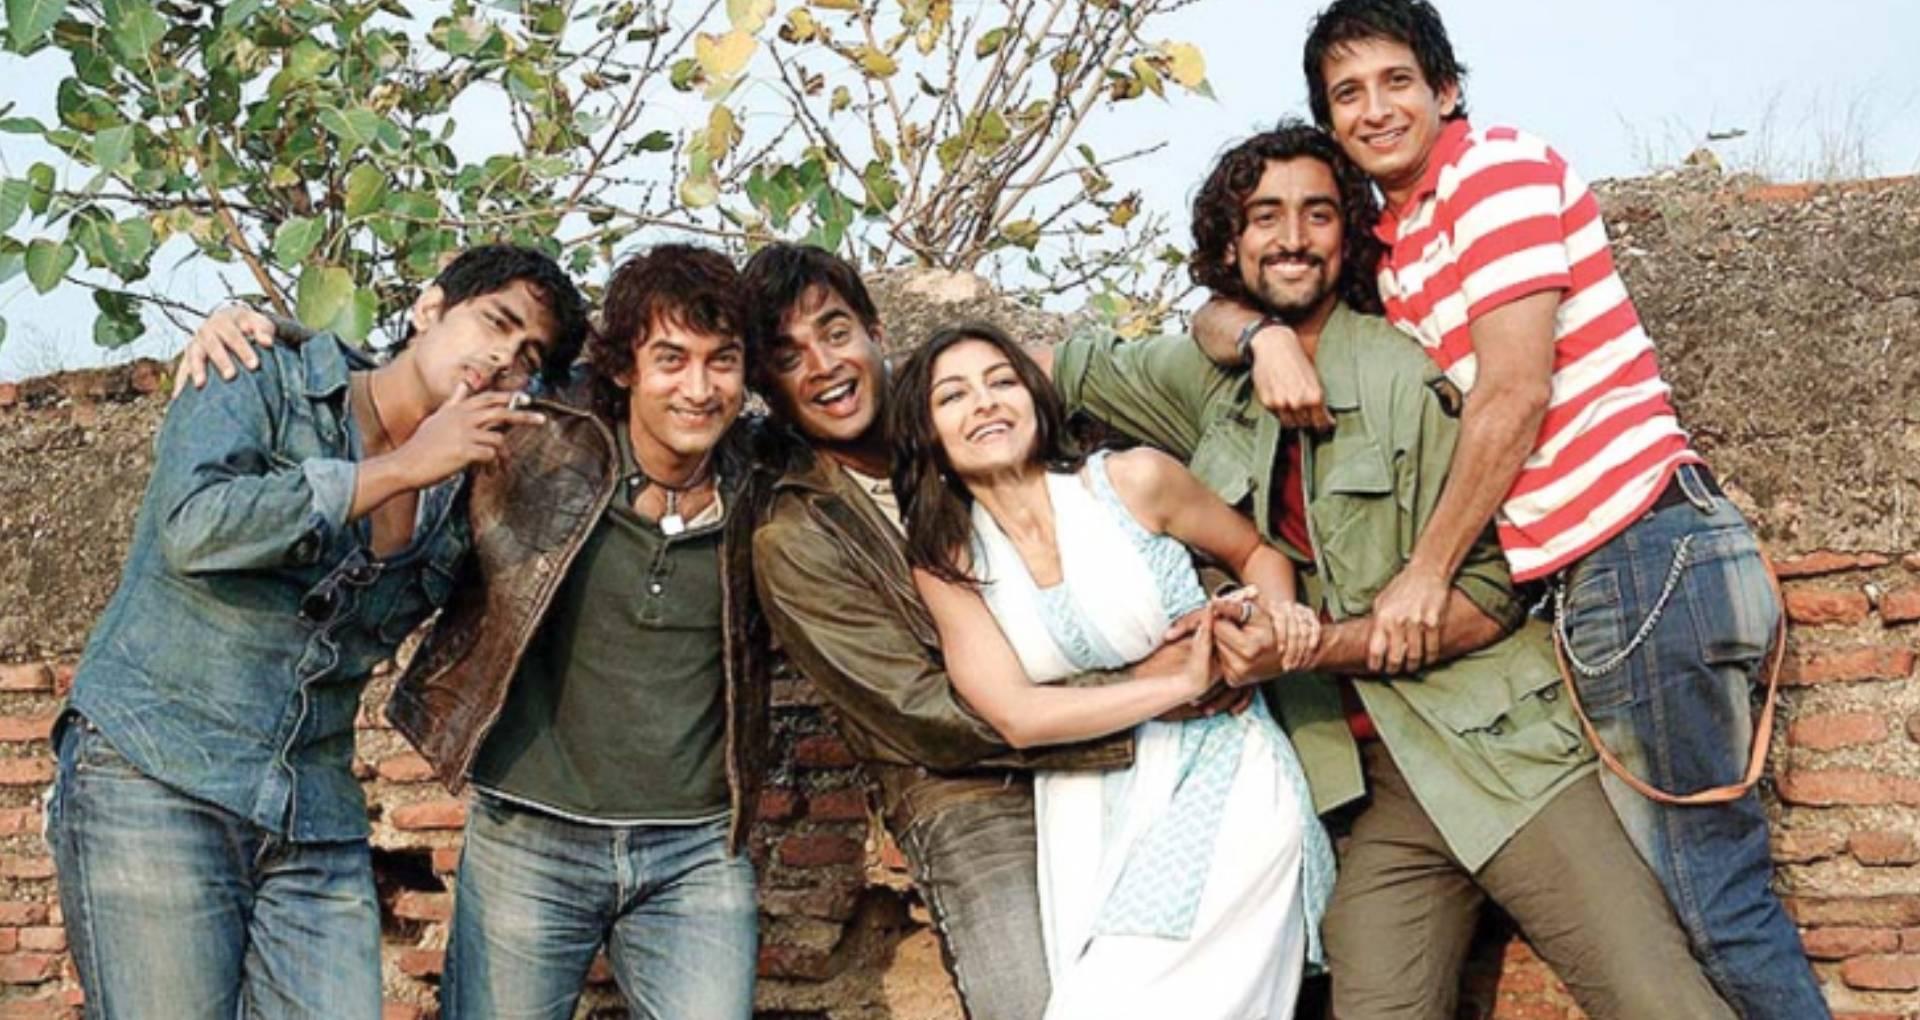 एक्सक्लूसिव: एक्टर कुणाल कपूर ने आमिर खान को लेकर कही ये बात, इस वजह से नहीं देते अपनी फिल्मों में काम